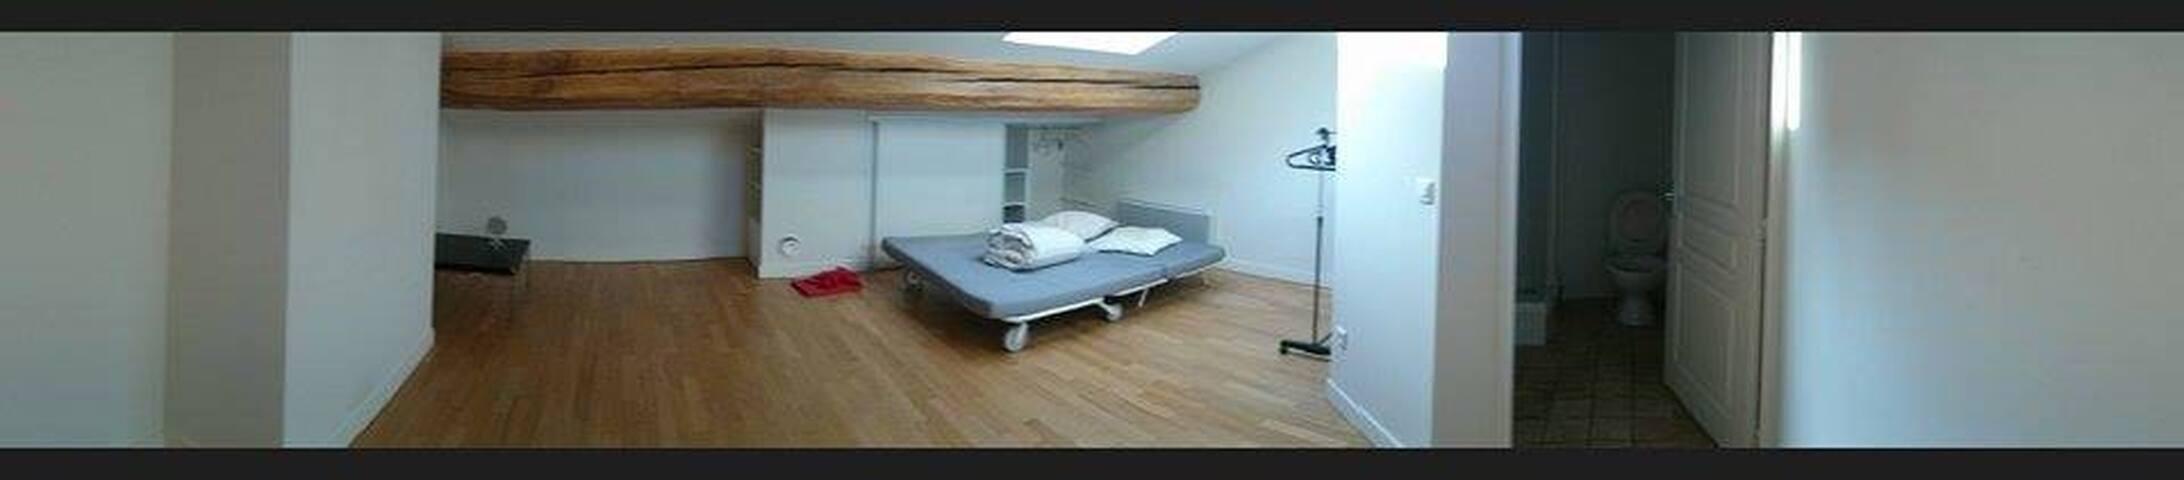 Chambre 2 (31m²), qui sera meublée d'ici votre arrivée avec lit,bureau, chaise, rangement.